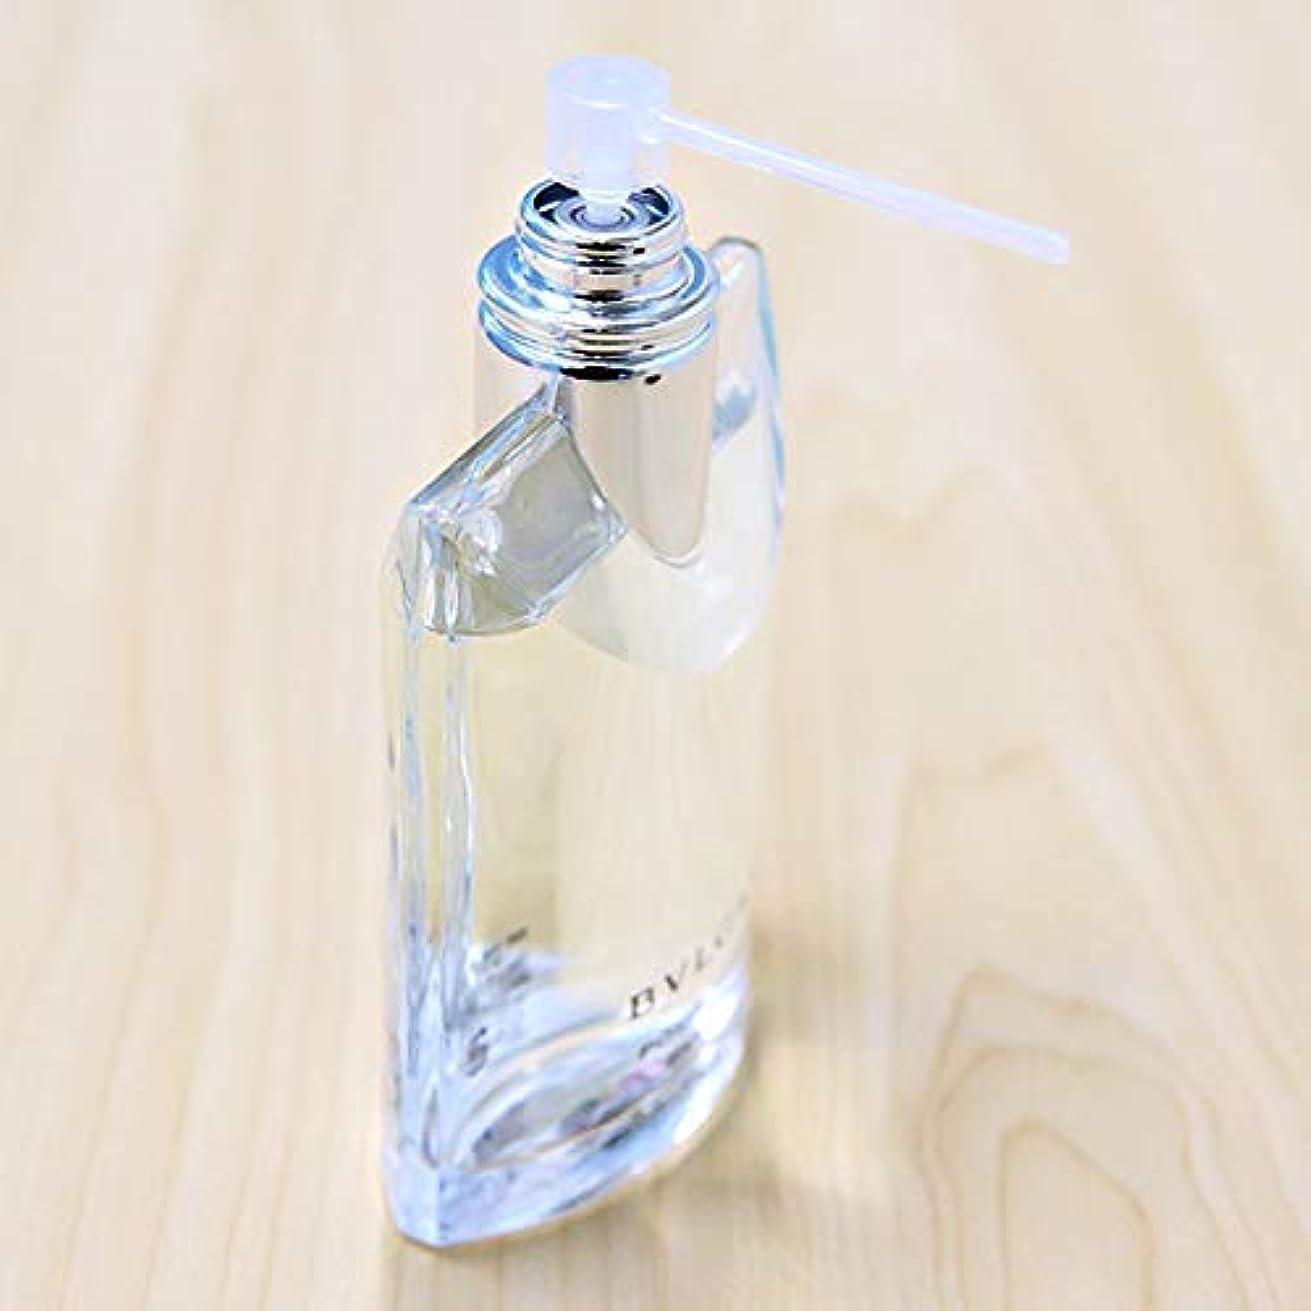 スクレーパー五織機【単品】 香水 詰め替え ノズル アトマイザー 簡単 詰め替え プッシュ ポンプ ストロー スプレーボトル